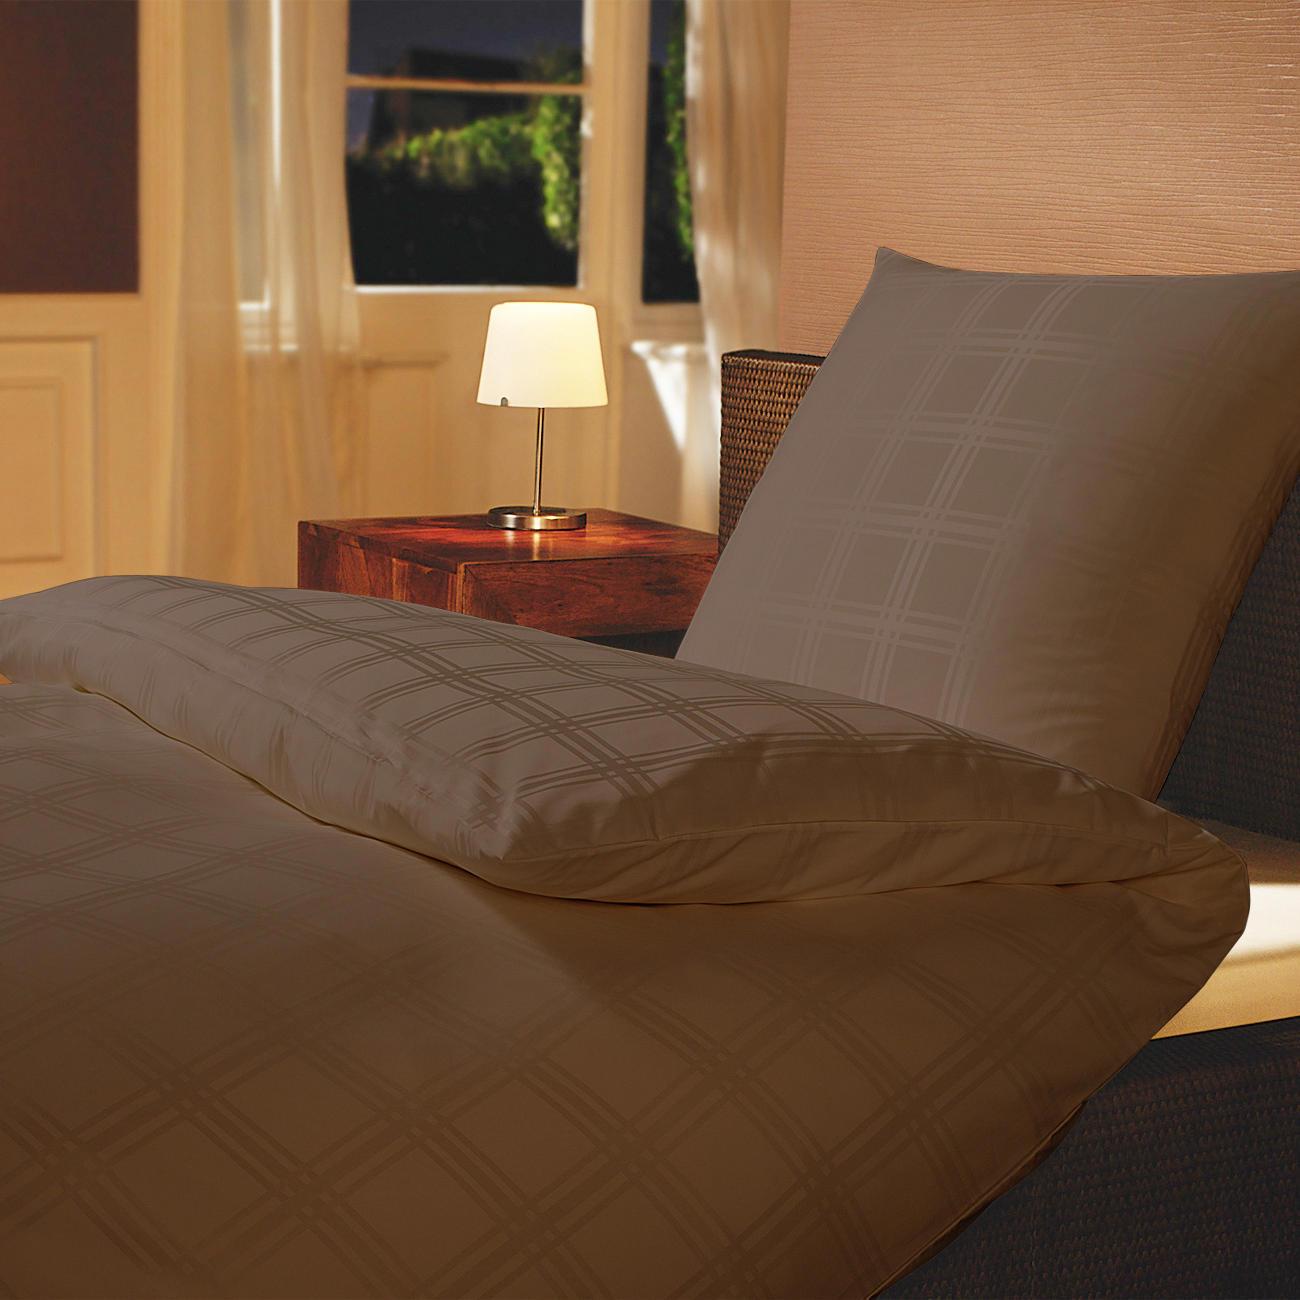 microfaser damast bettw sche my blog. Black Bedroom Furniture Sets. Home Design Ideas